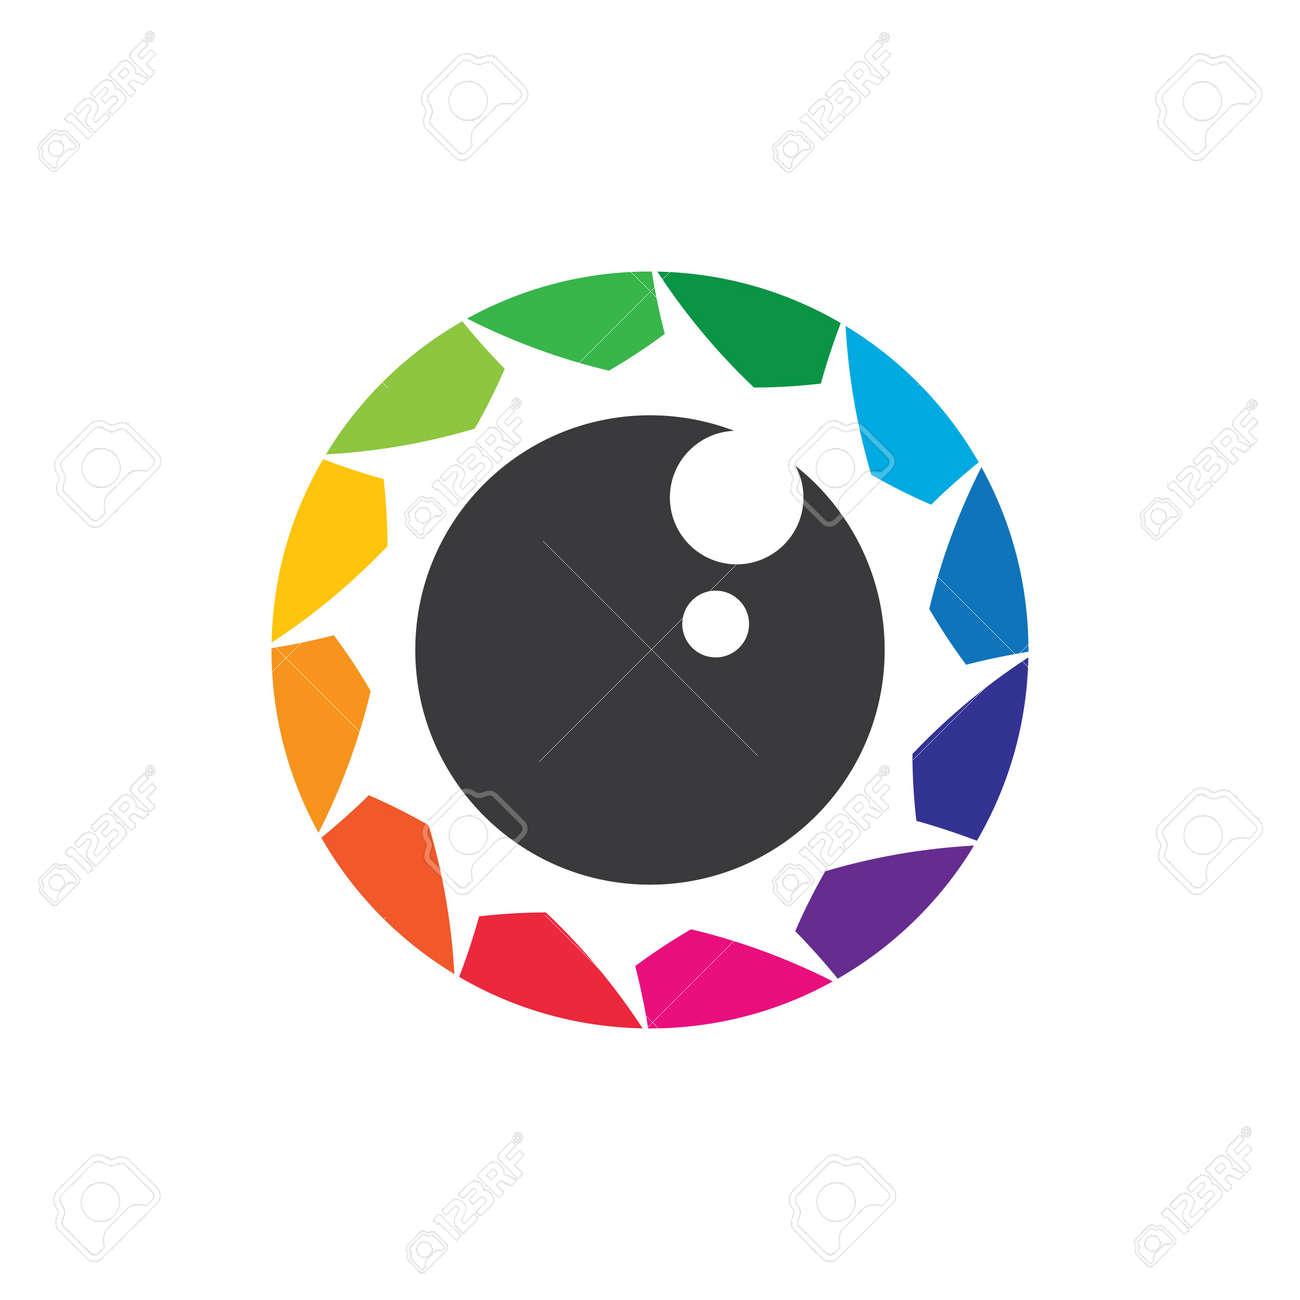 Camera logo images illustration design - 173289129